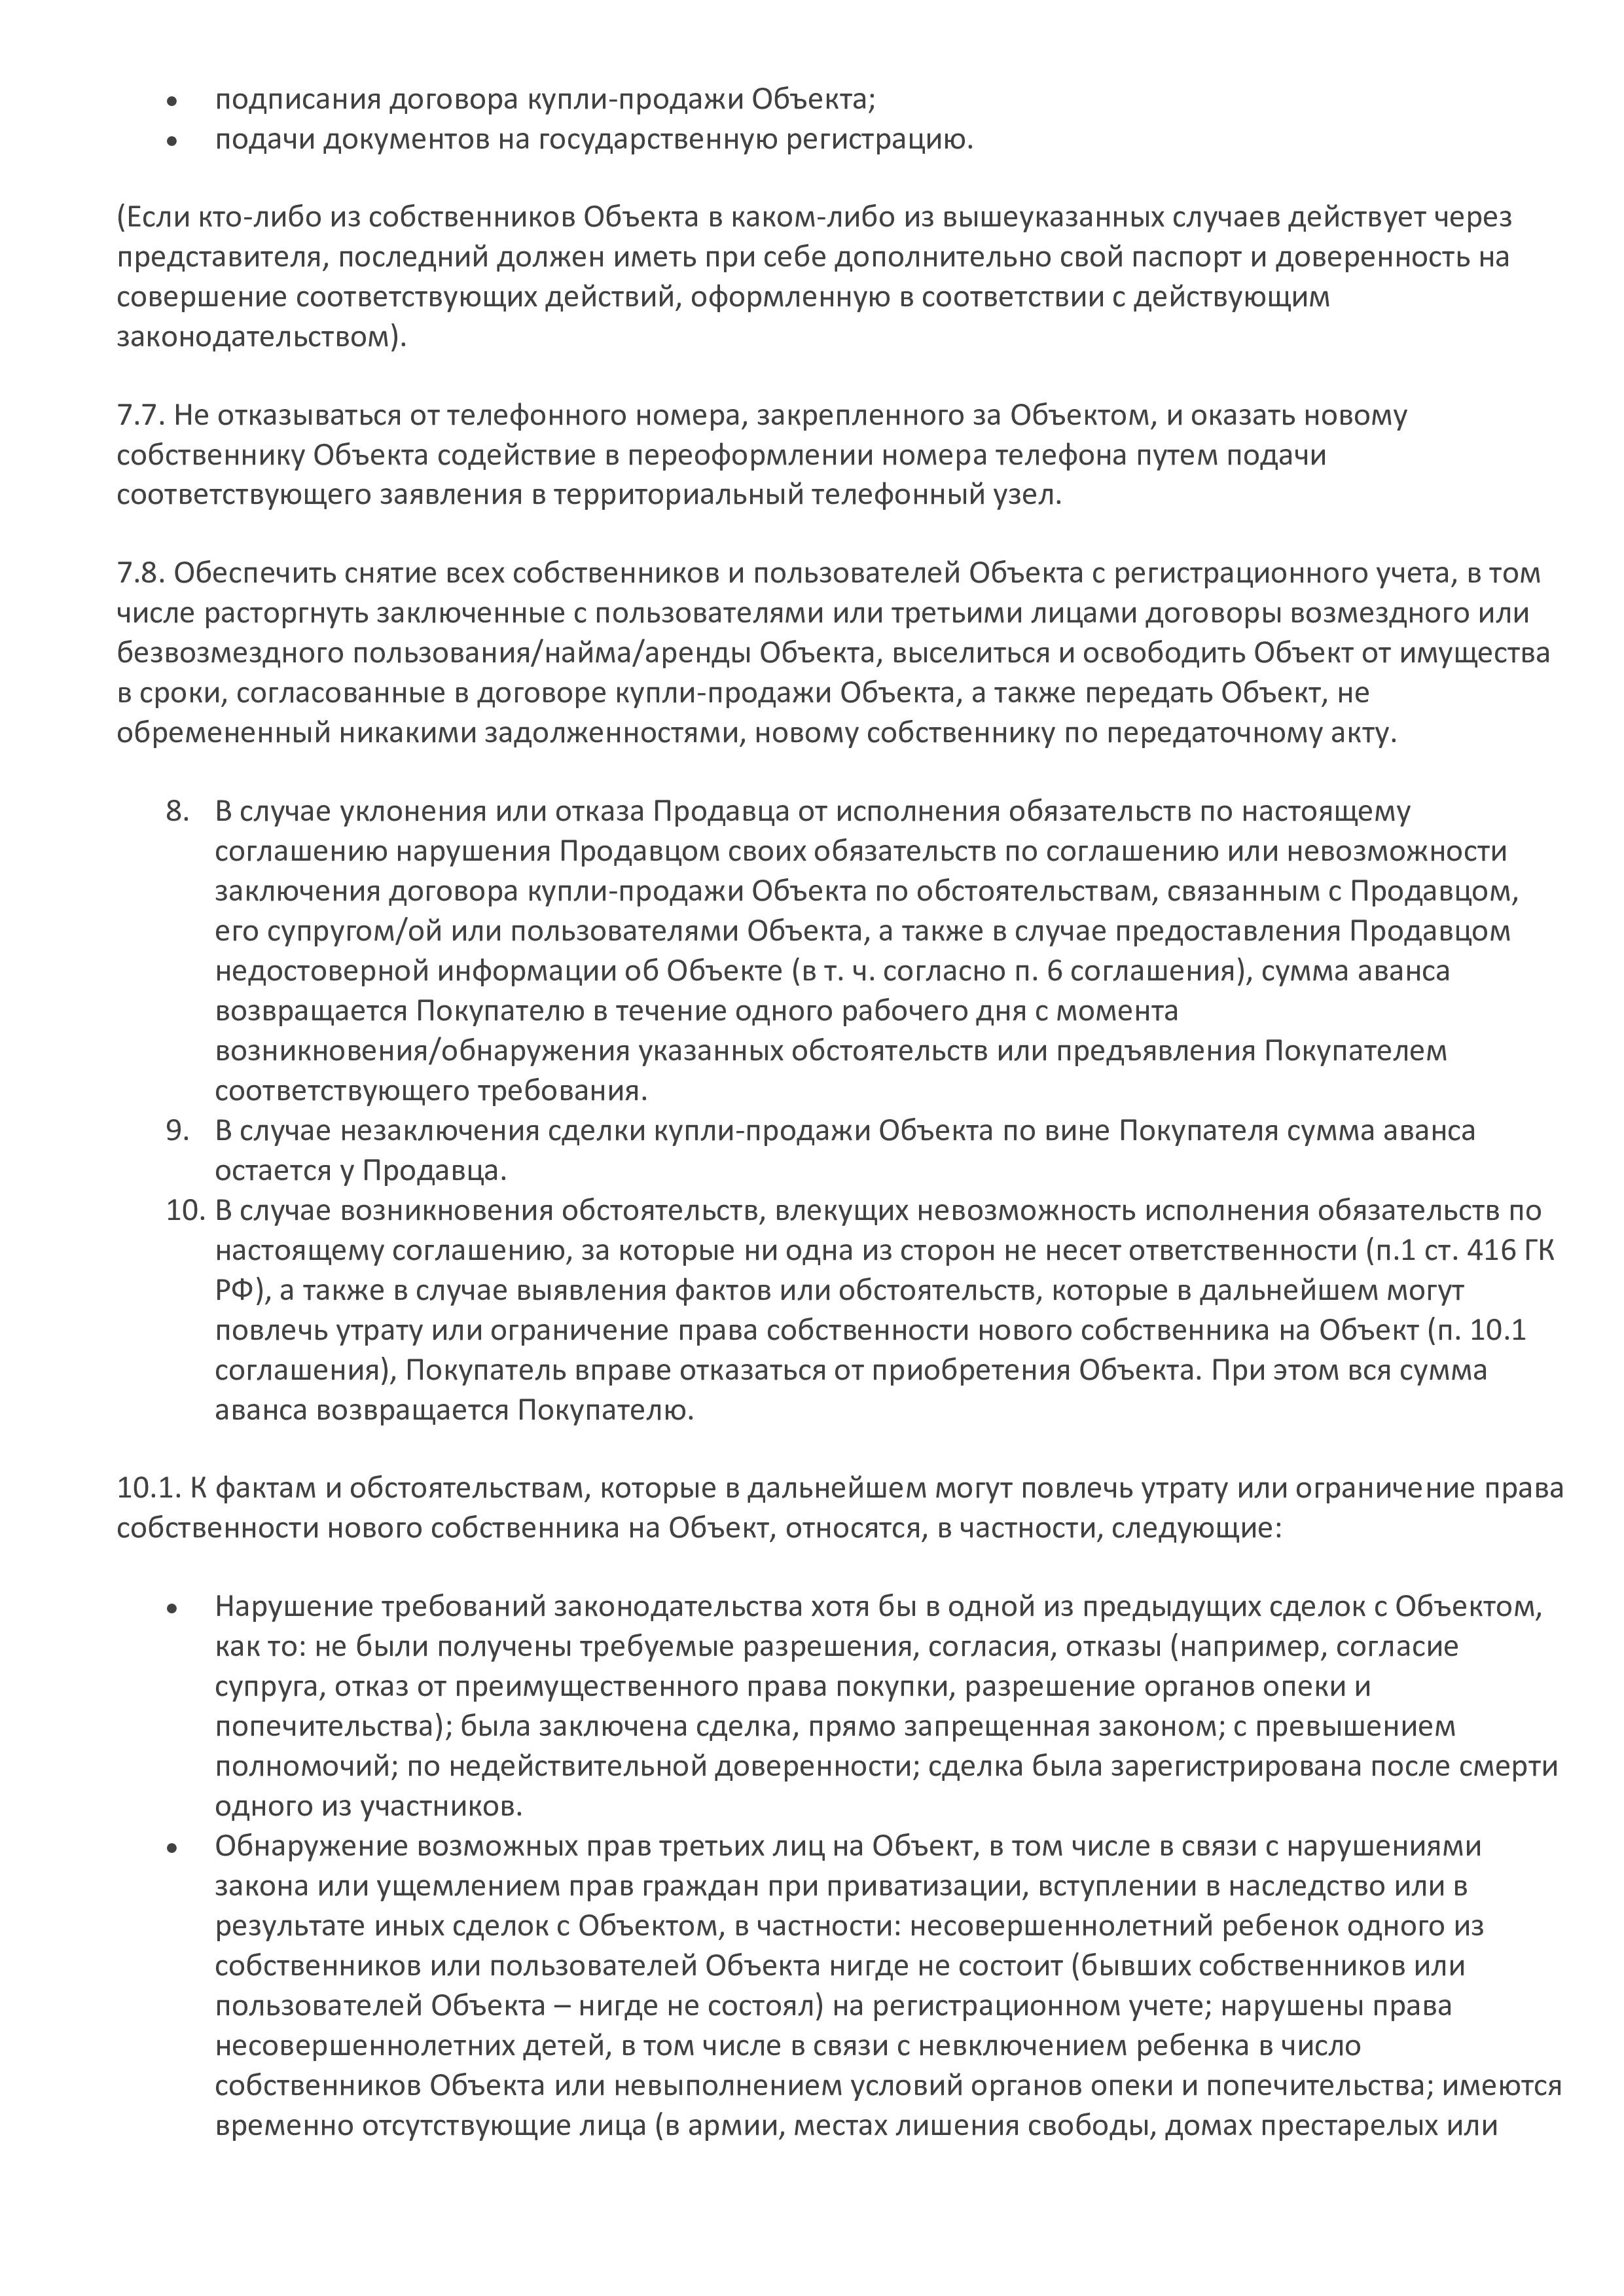 соглашение об авансе при покупке квартиры- стр. 3